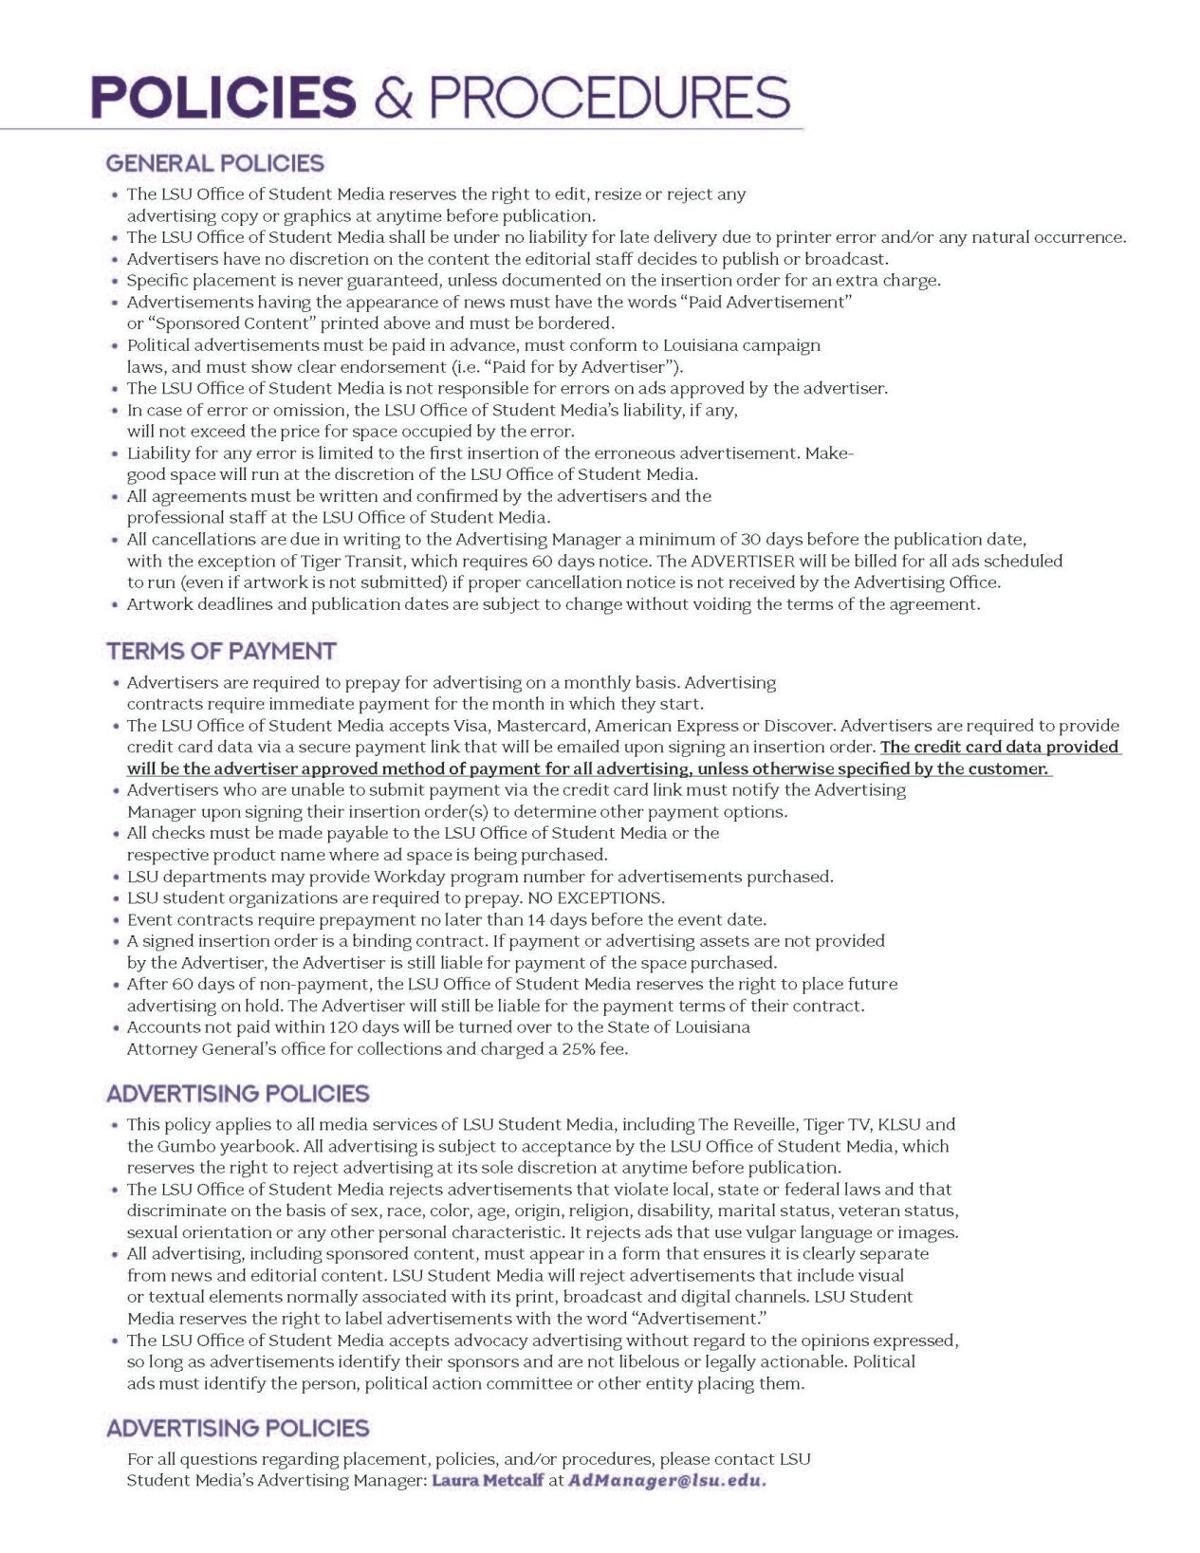 Policies & Procedures 2021- 2022